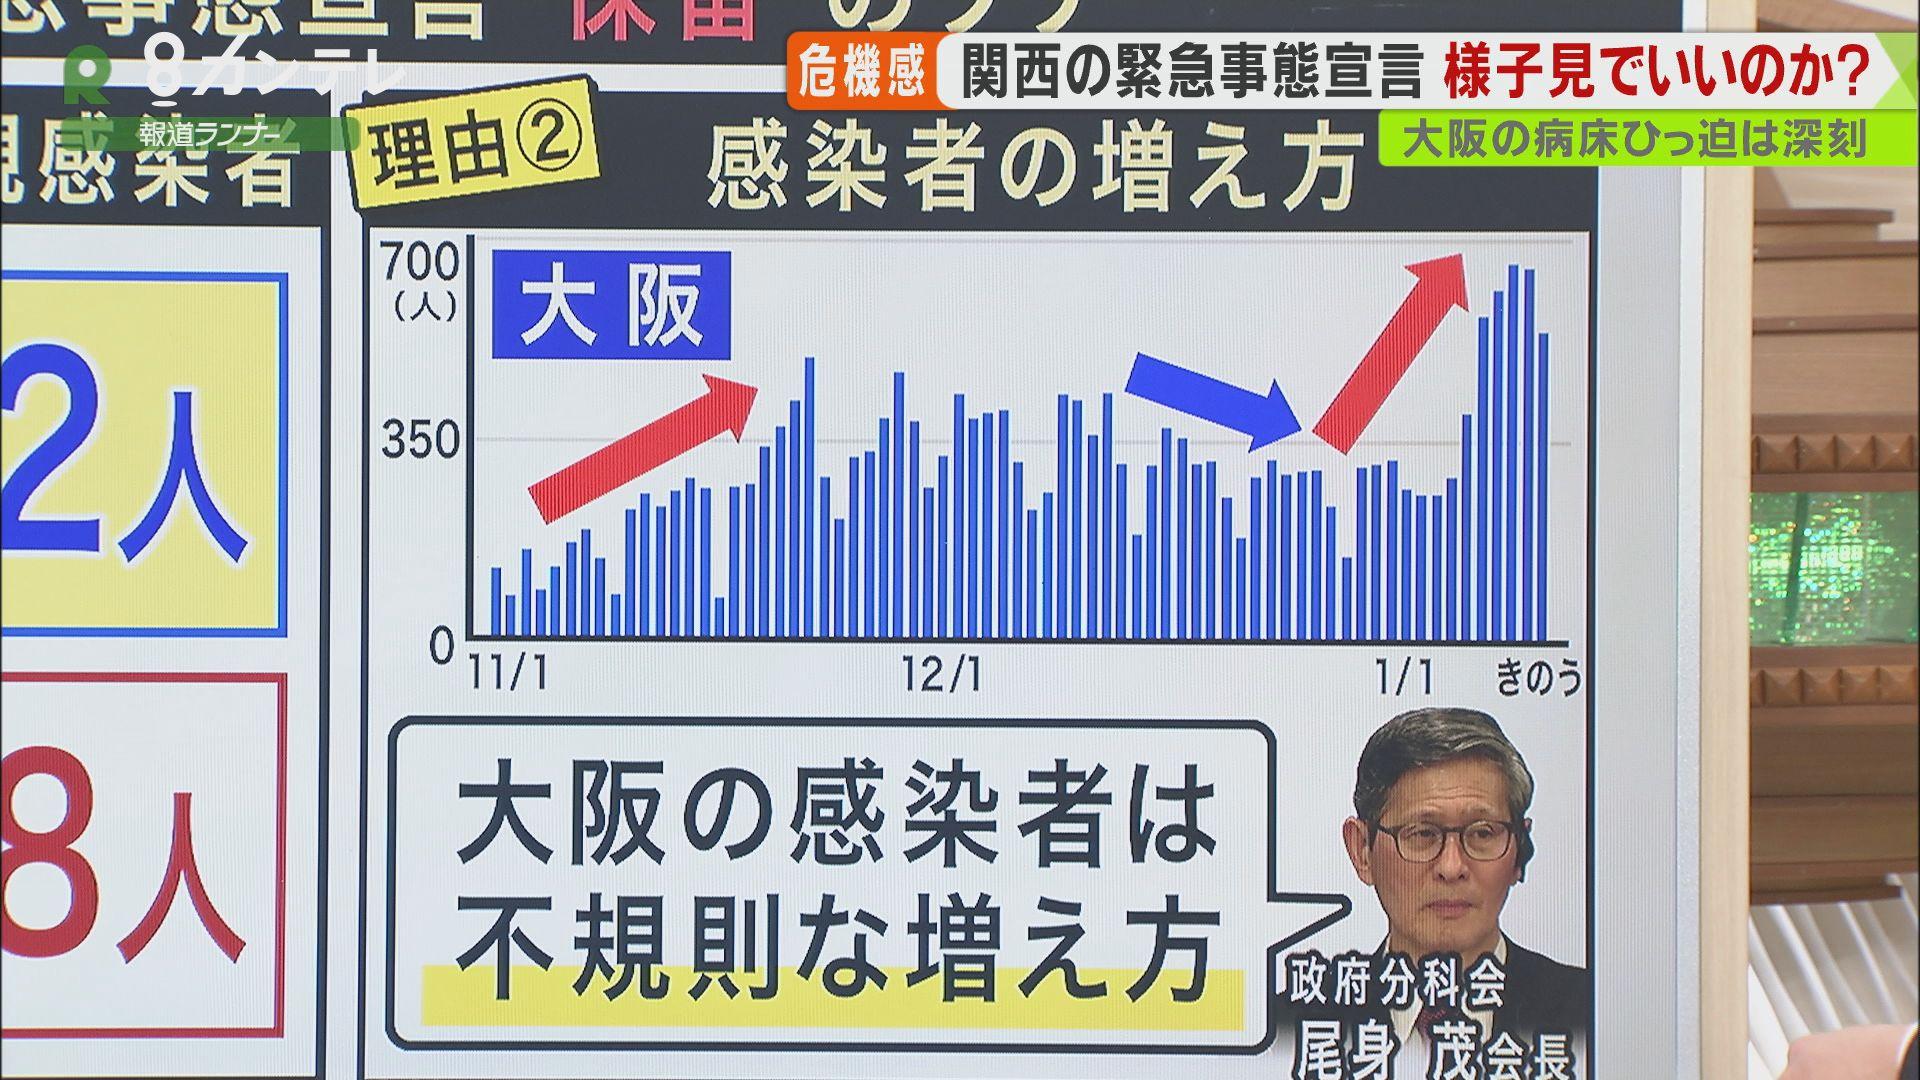 政府はなぜ慎重だった? 大阪・京都・兵庫3府県への「緊急事態宣言」 記者解説